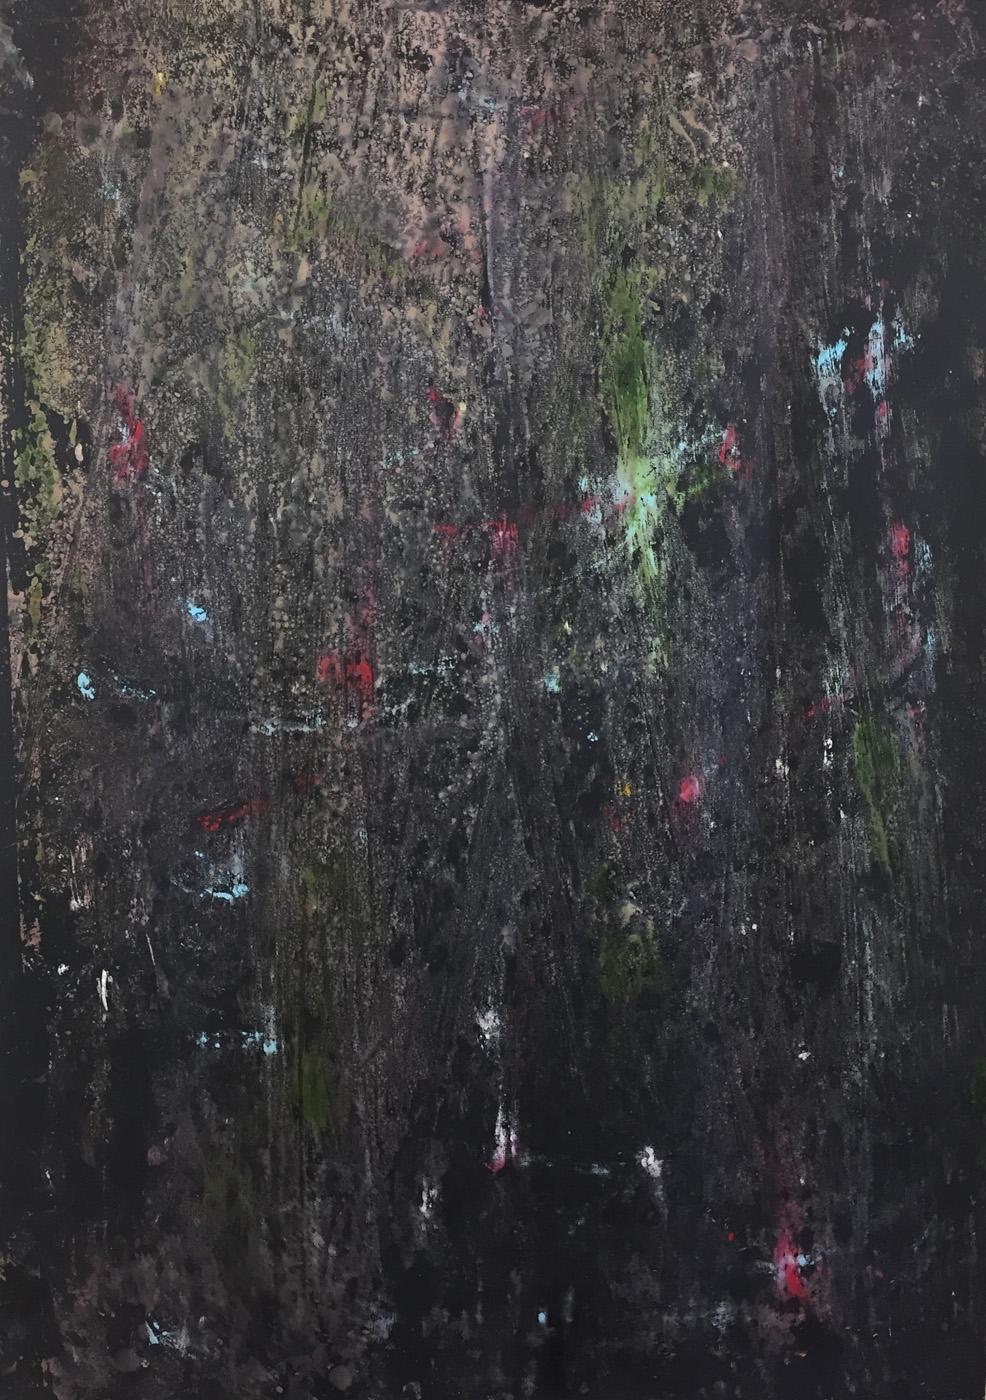 MARC FELD 2020 POSSIBILITIES 1 Huile, acrylique et pigment sur papier 70 x 130 cm